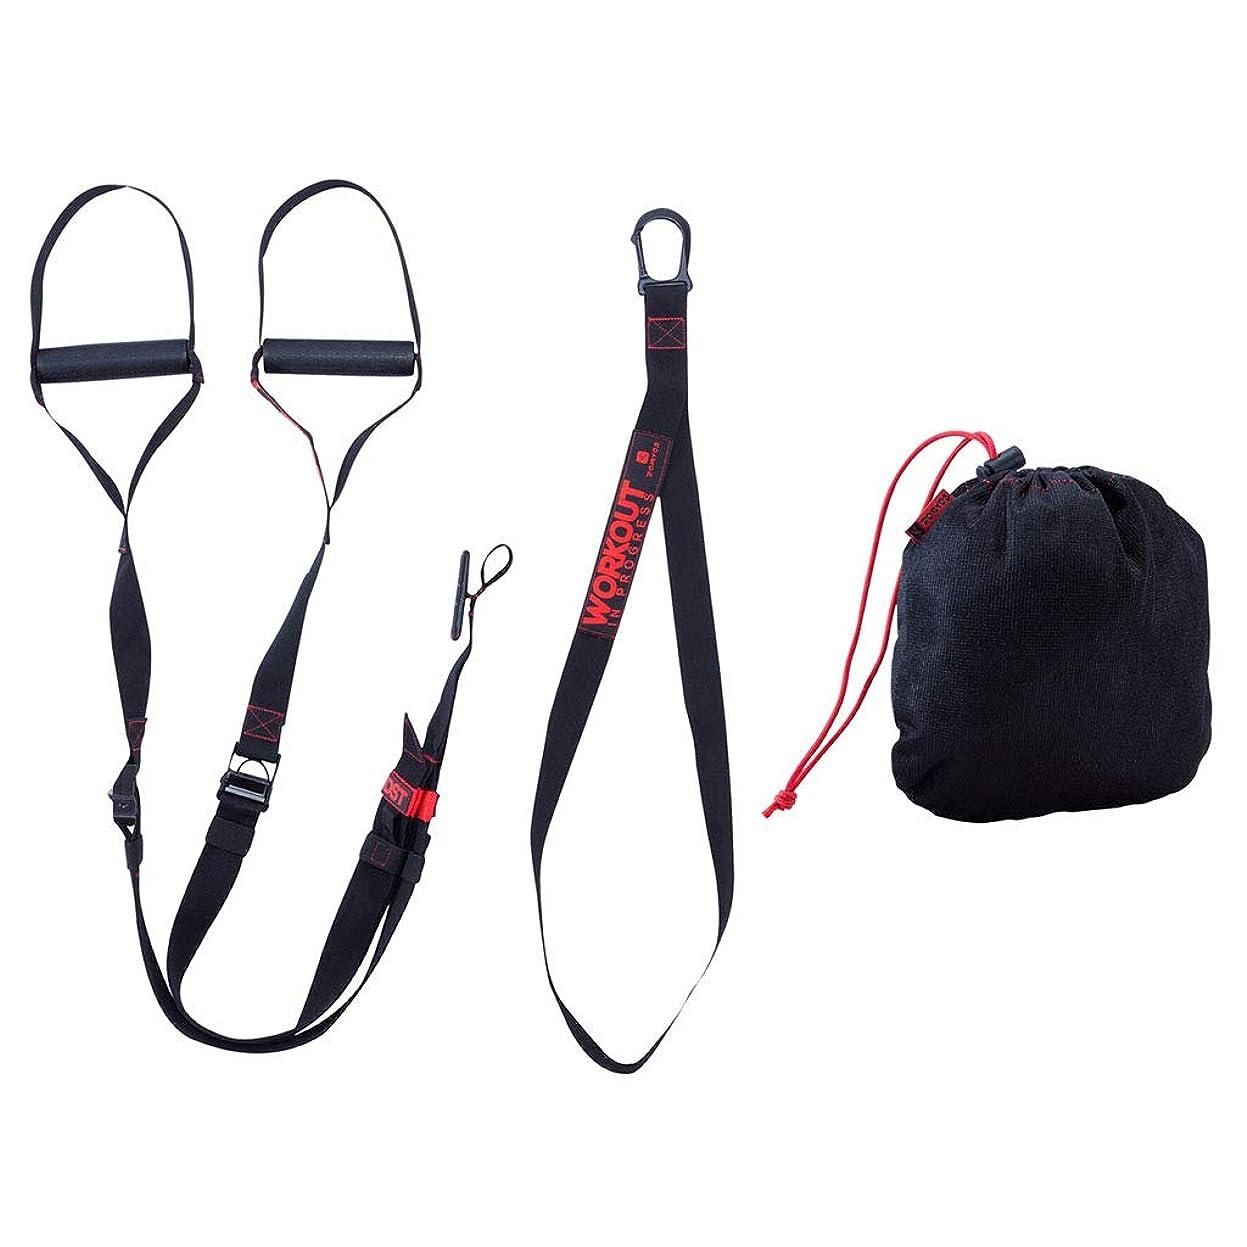 守銭奴気分が良いしない吊り訓練ベルトプルロープホームフィットネス弾力ベルト抵抗ベルト強度トレーニング (色 : 黒)